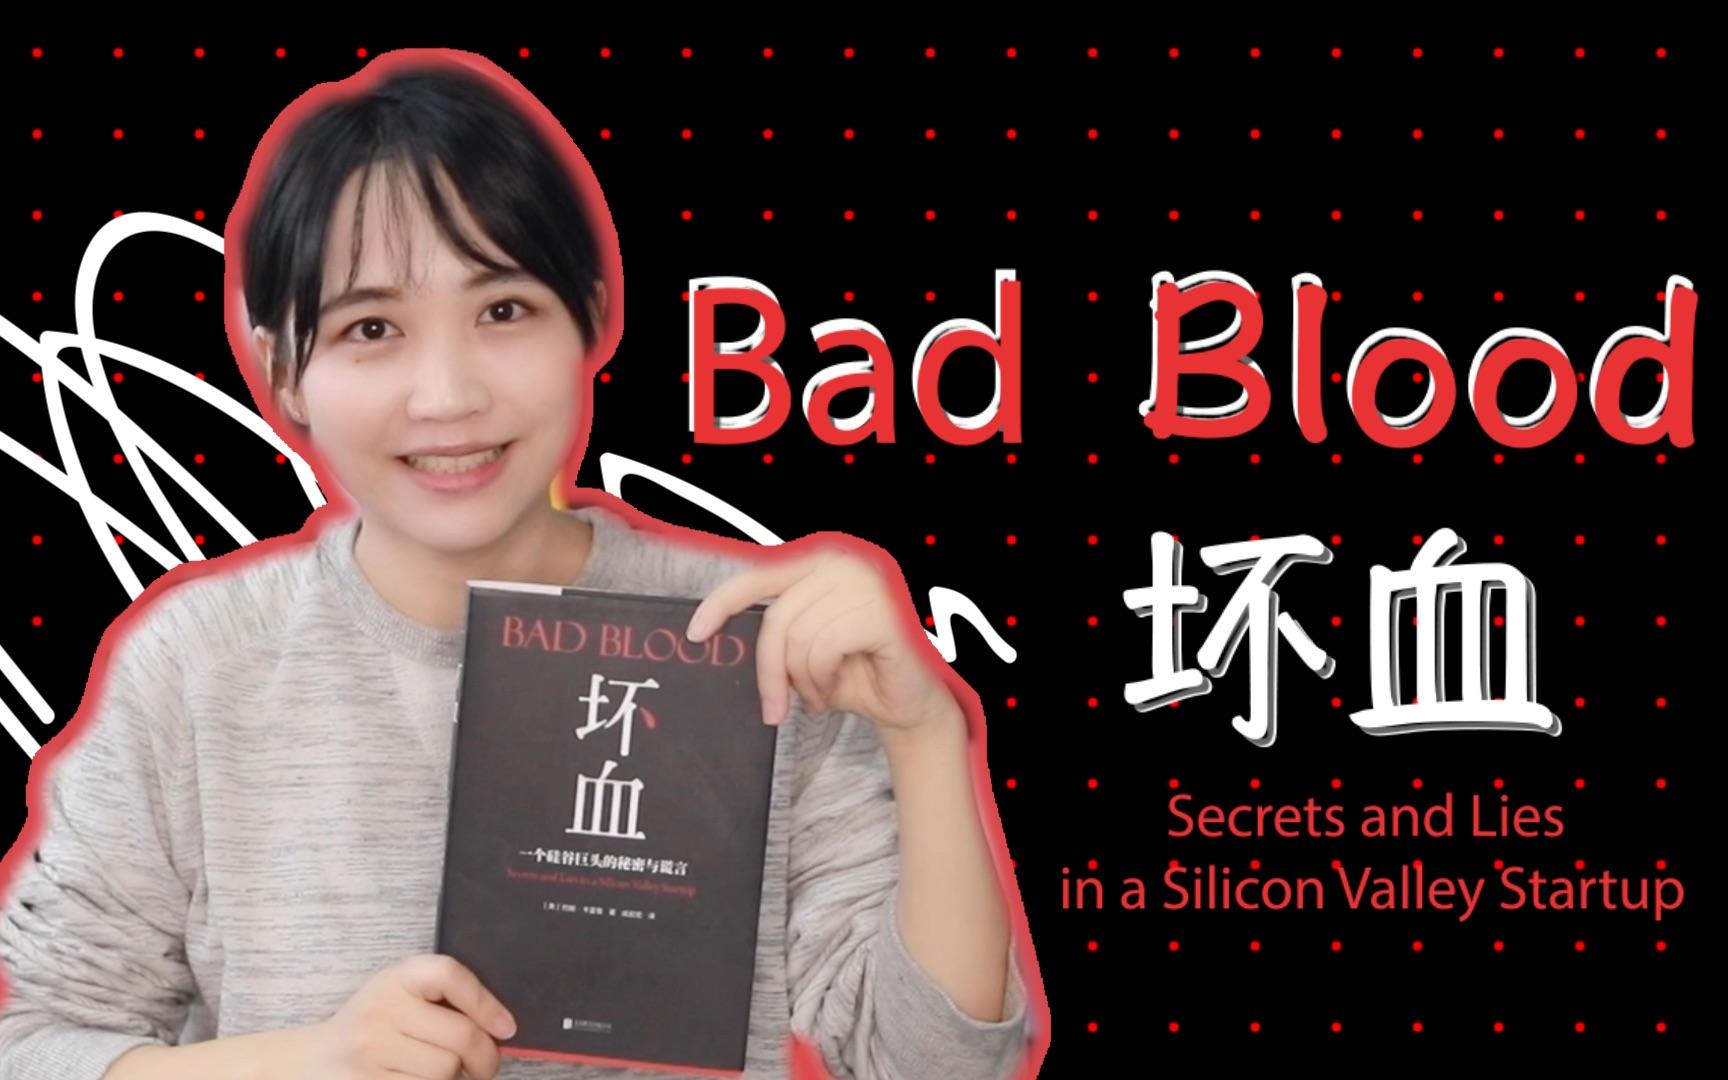 硅谷史上最强骗局是如何炼成的? 《坏血》| Luna的书房VOL.01 【纪实】